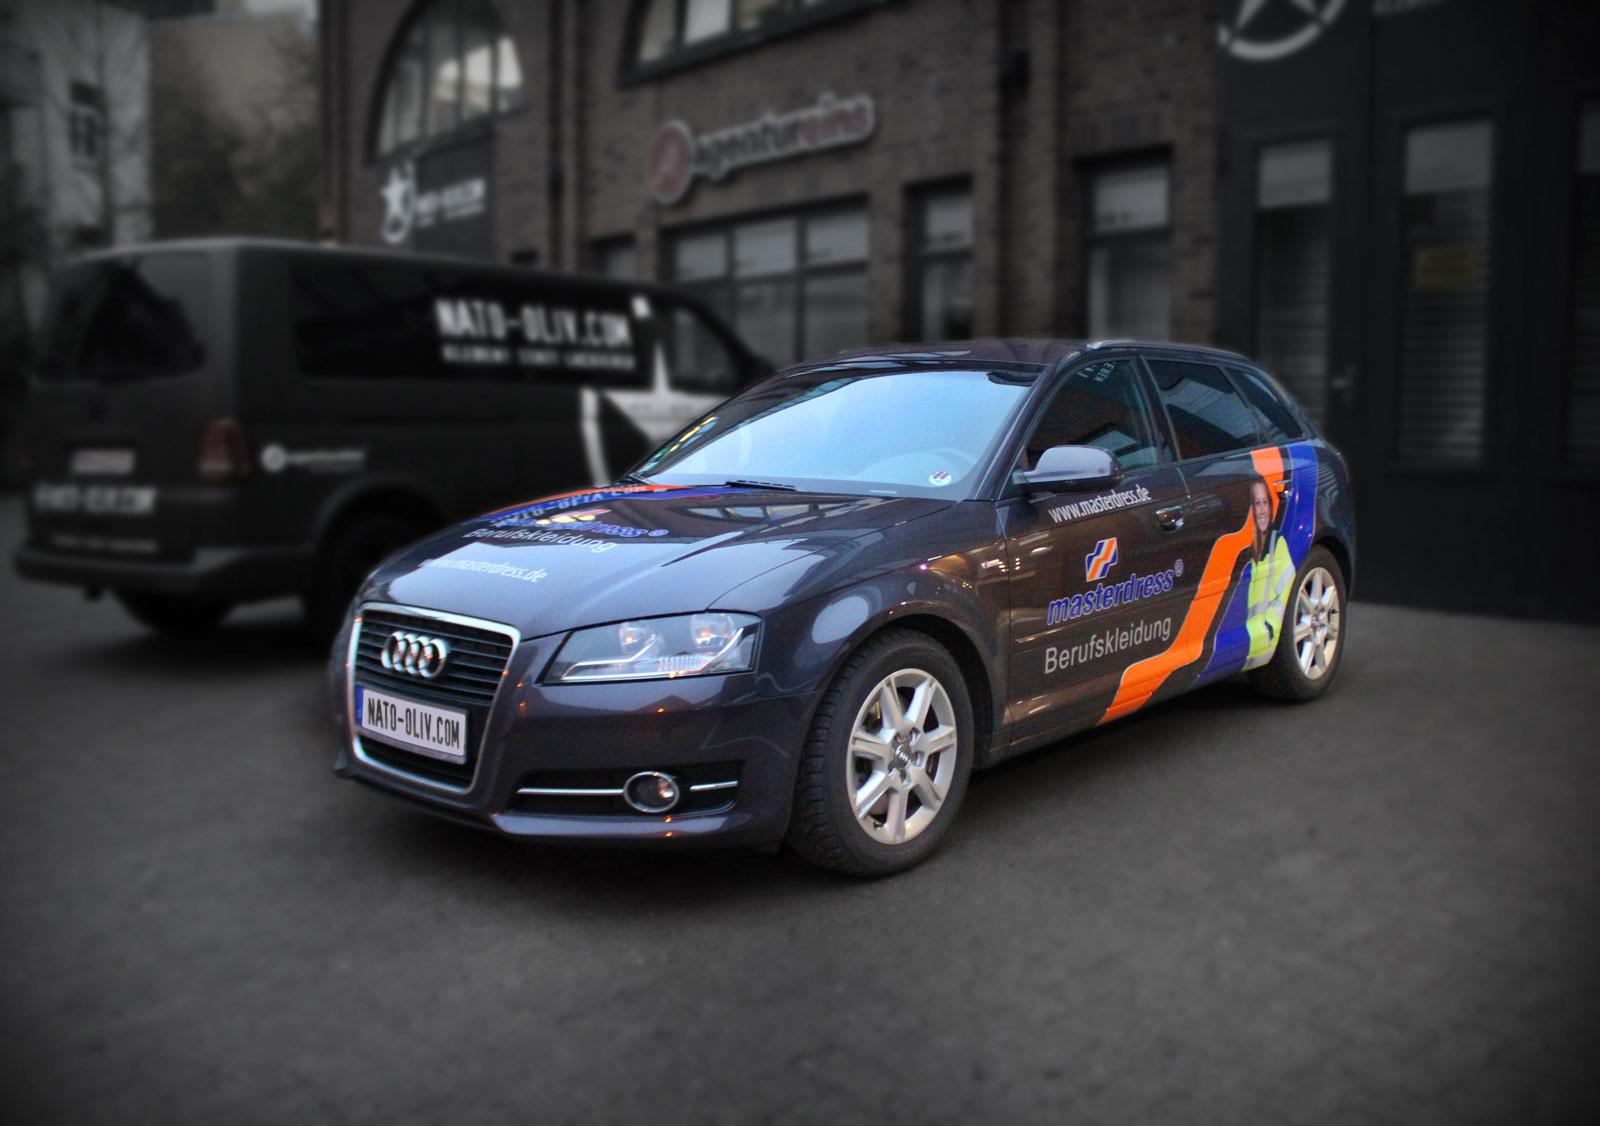 Audi A3 Beschriftung mit orangener, blauer und silberner Folie und zusätzlichem Digitaldruck